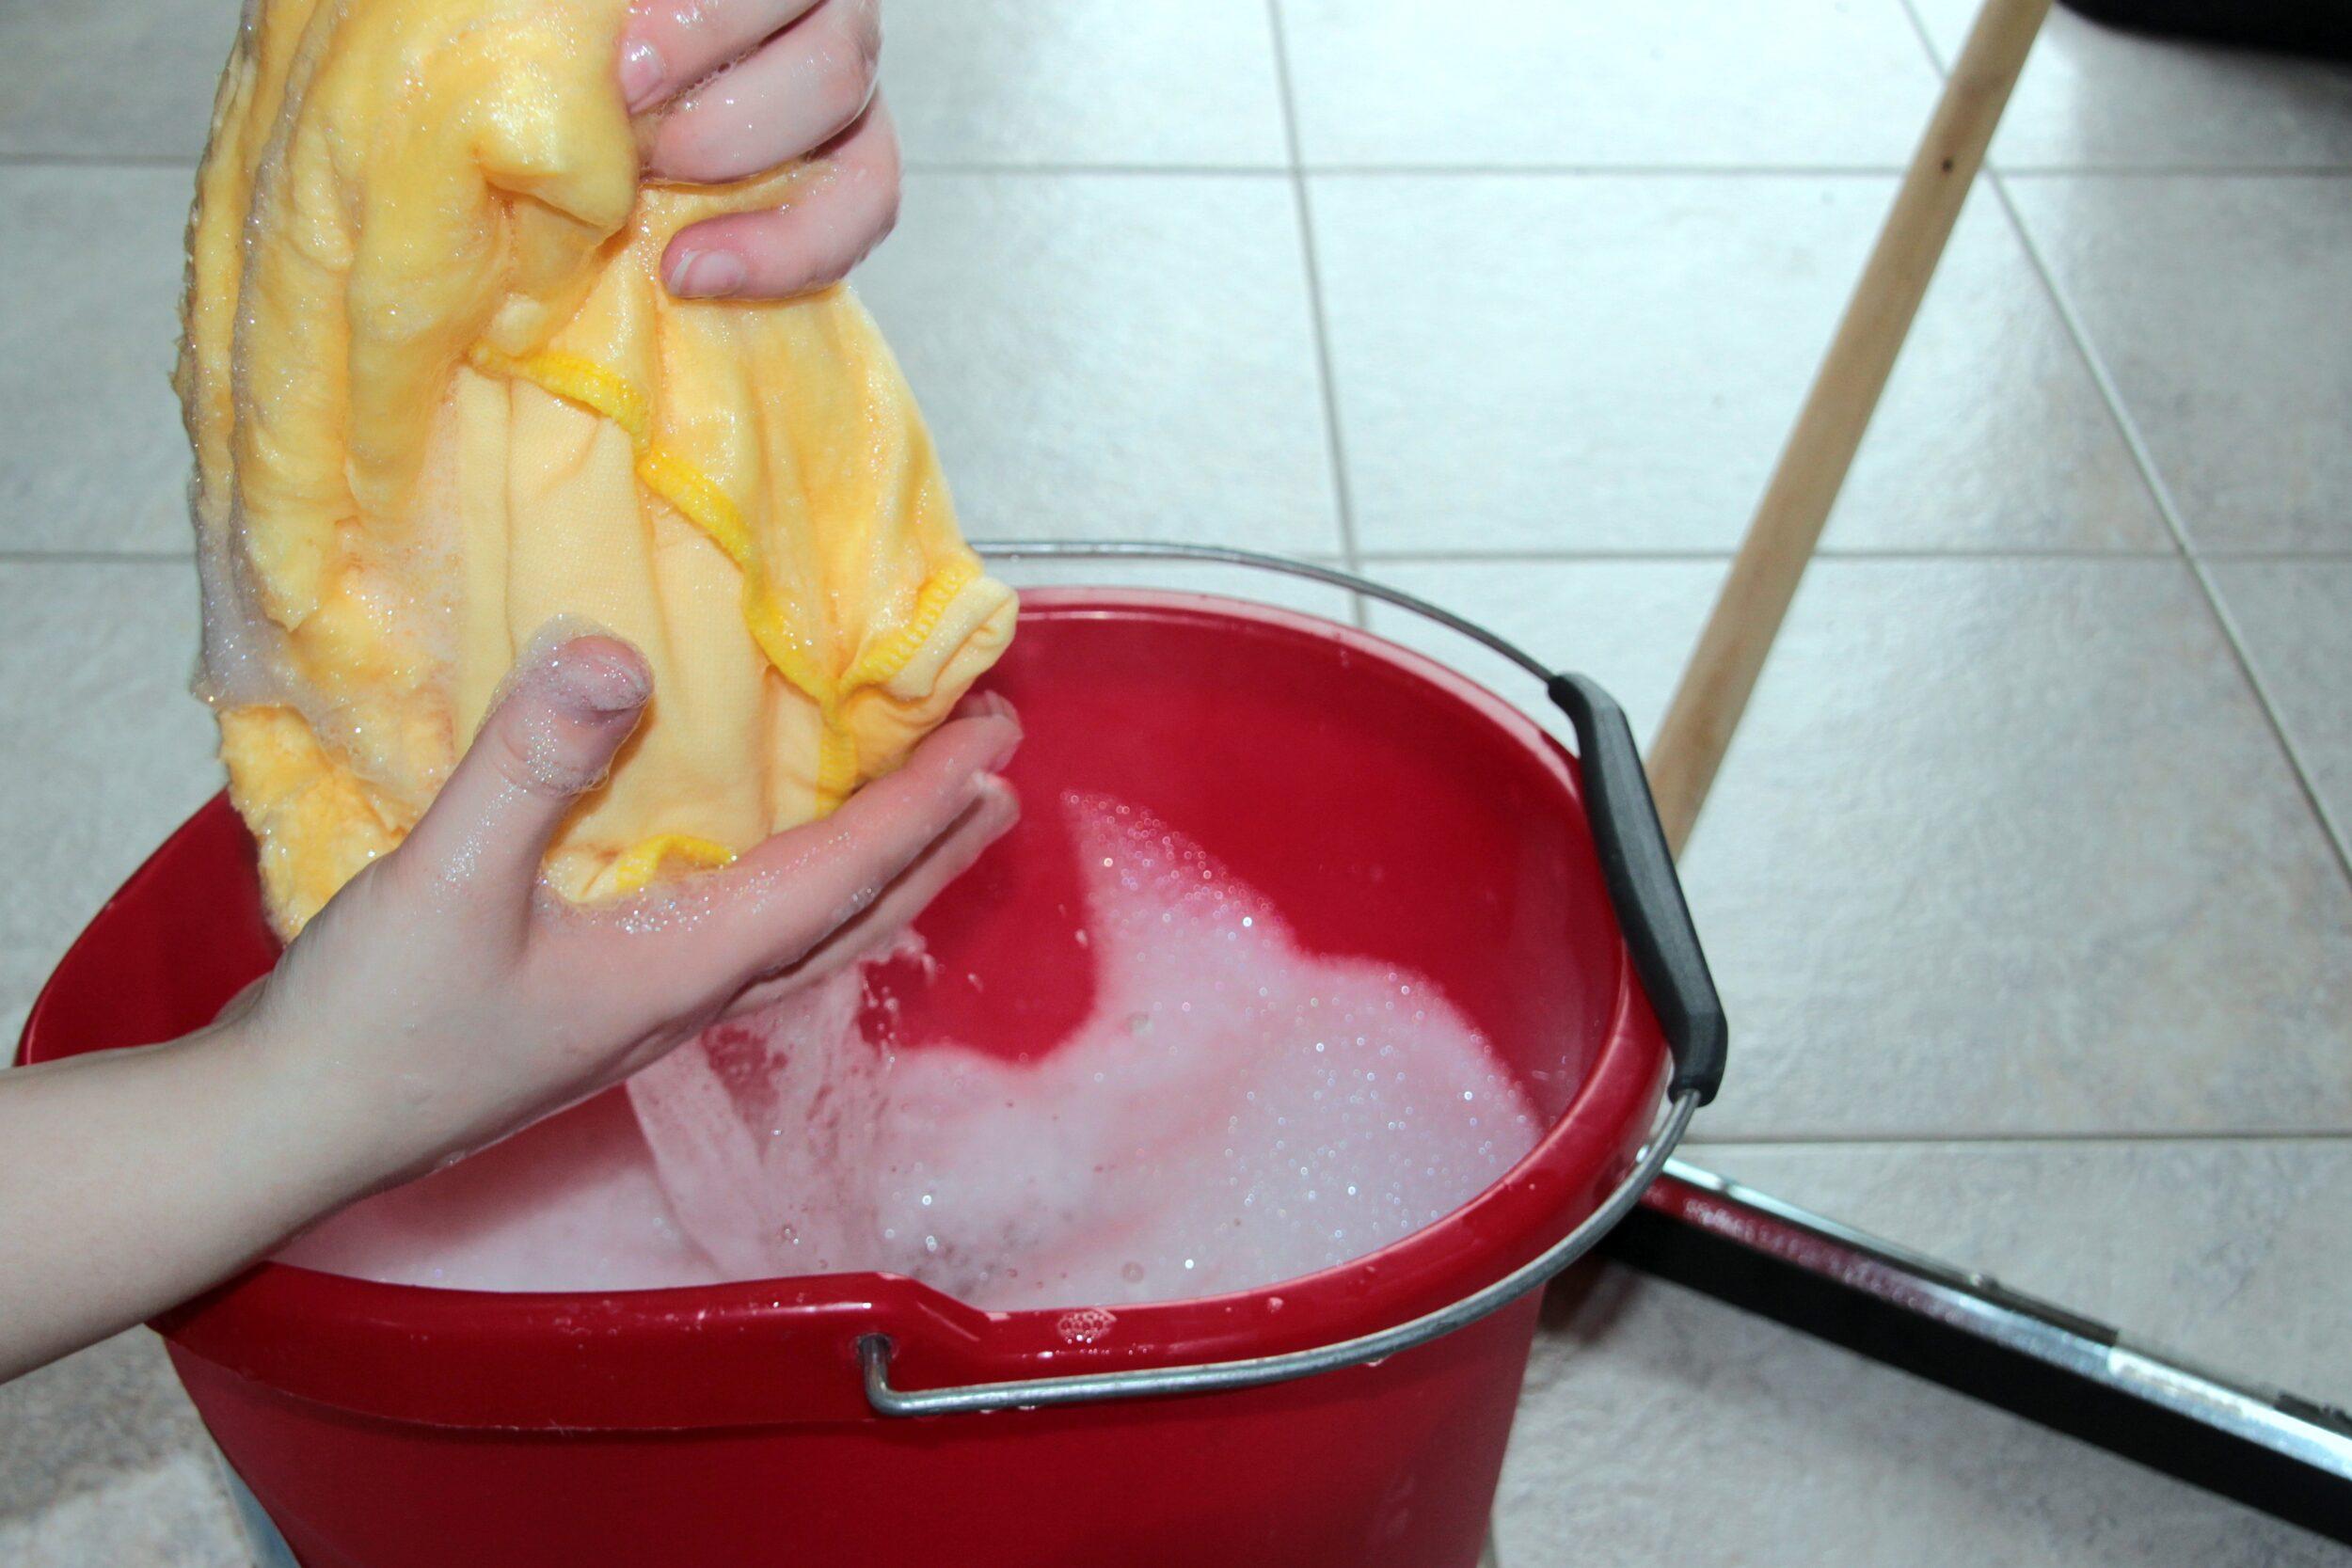 Putz bucket 1290940